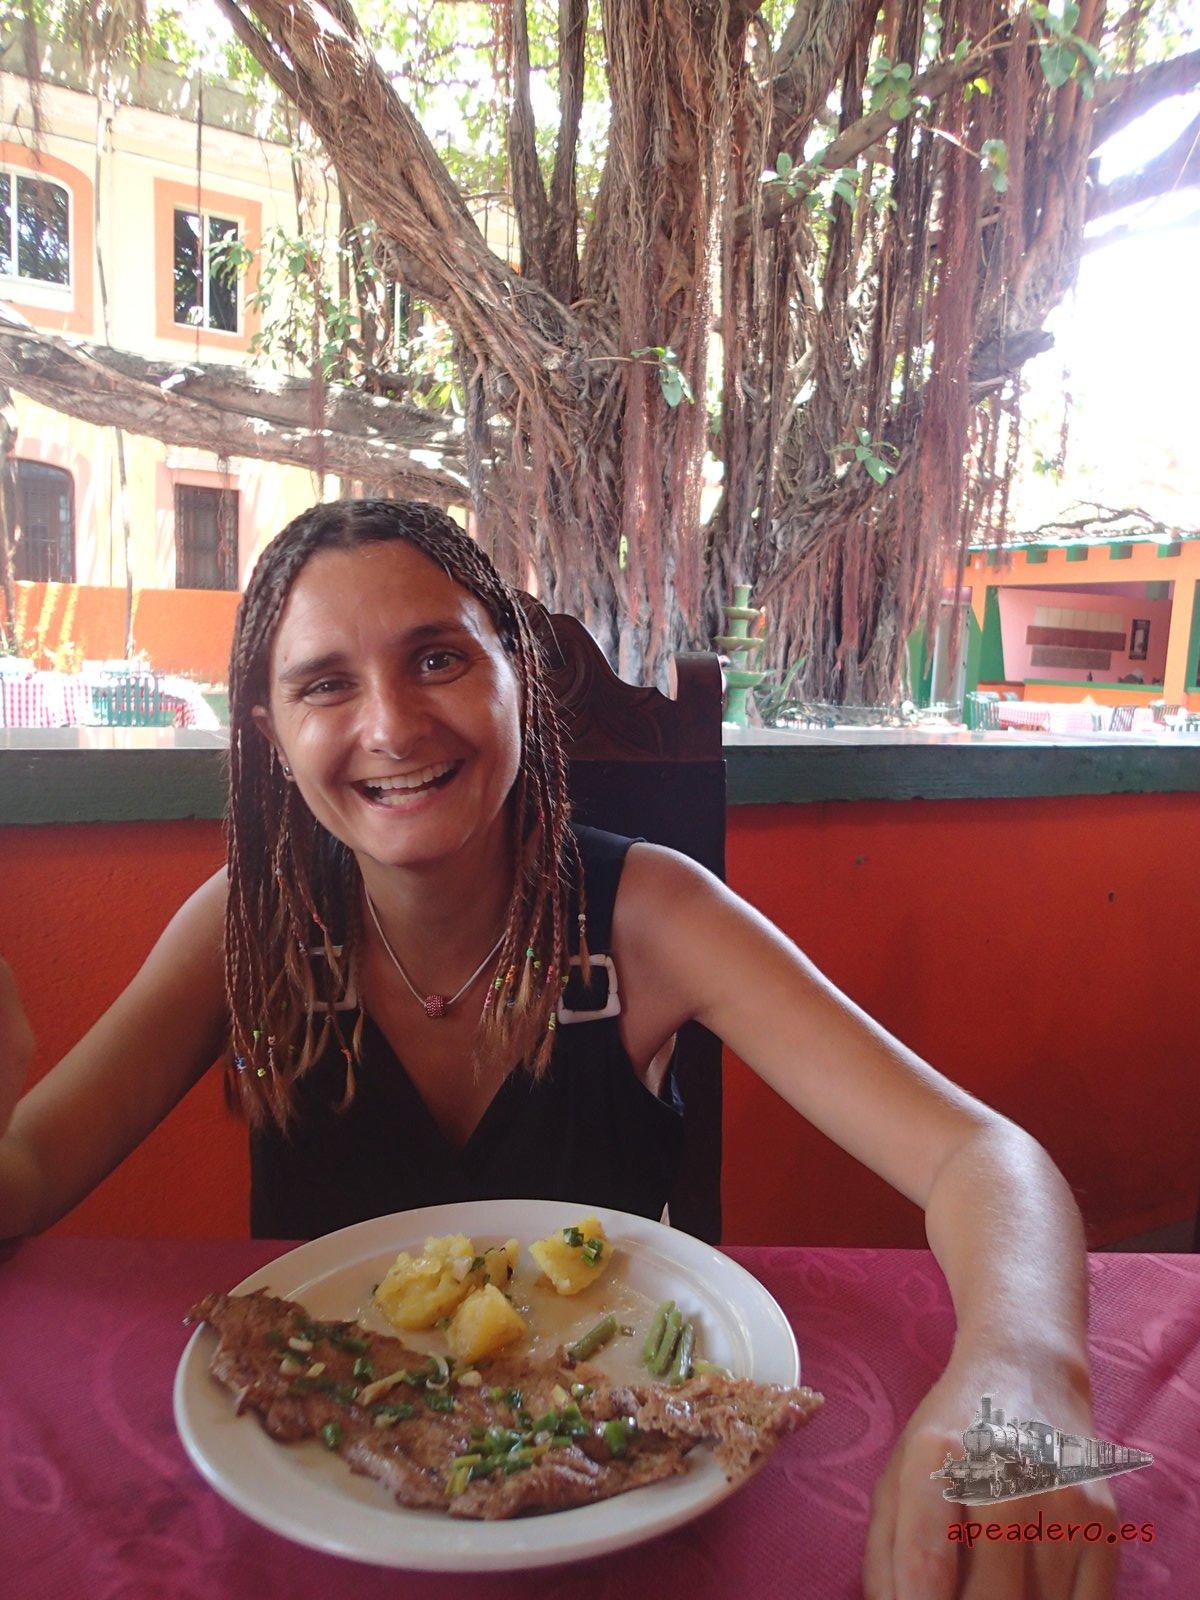 Comiendo en el restaurante El Cochinilo de La Habana.